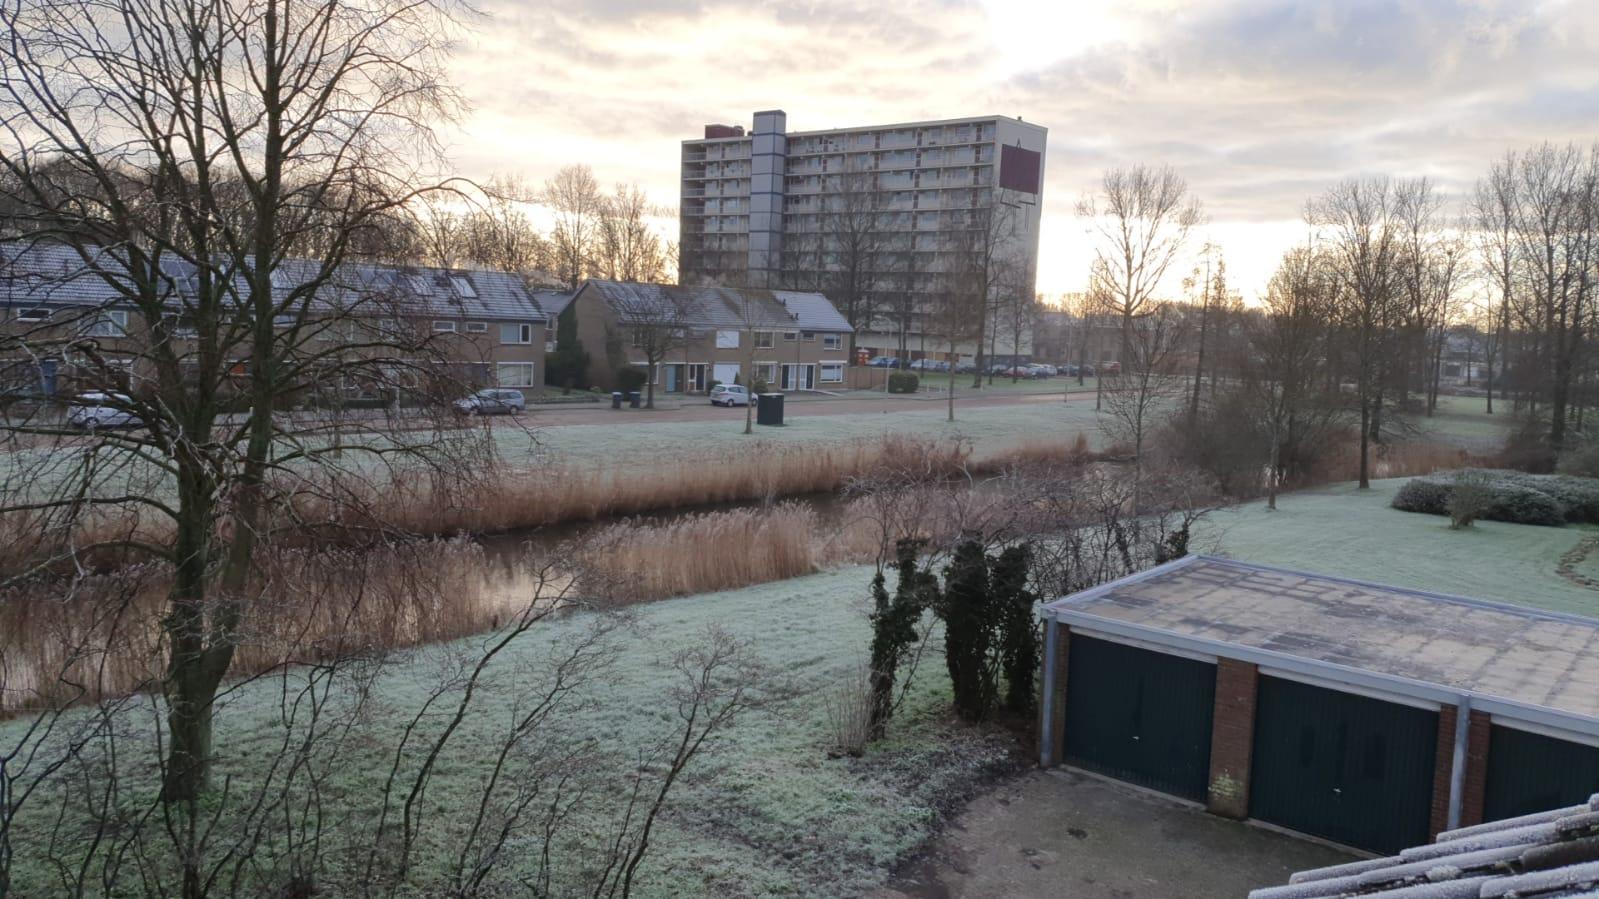 متى سيأتي الثلج؟، توقعات الطقس لليوم في هولندا